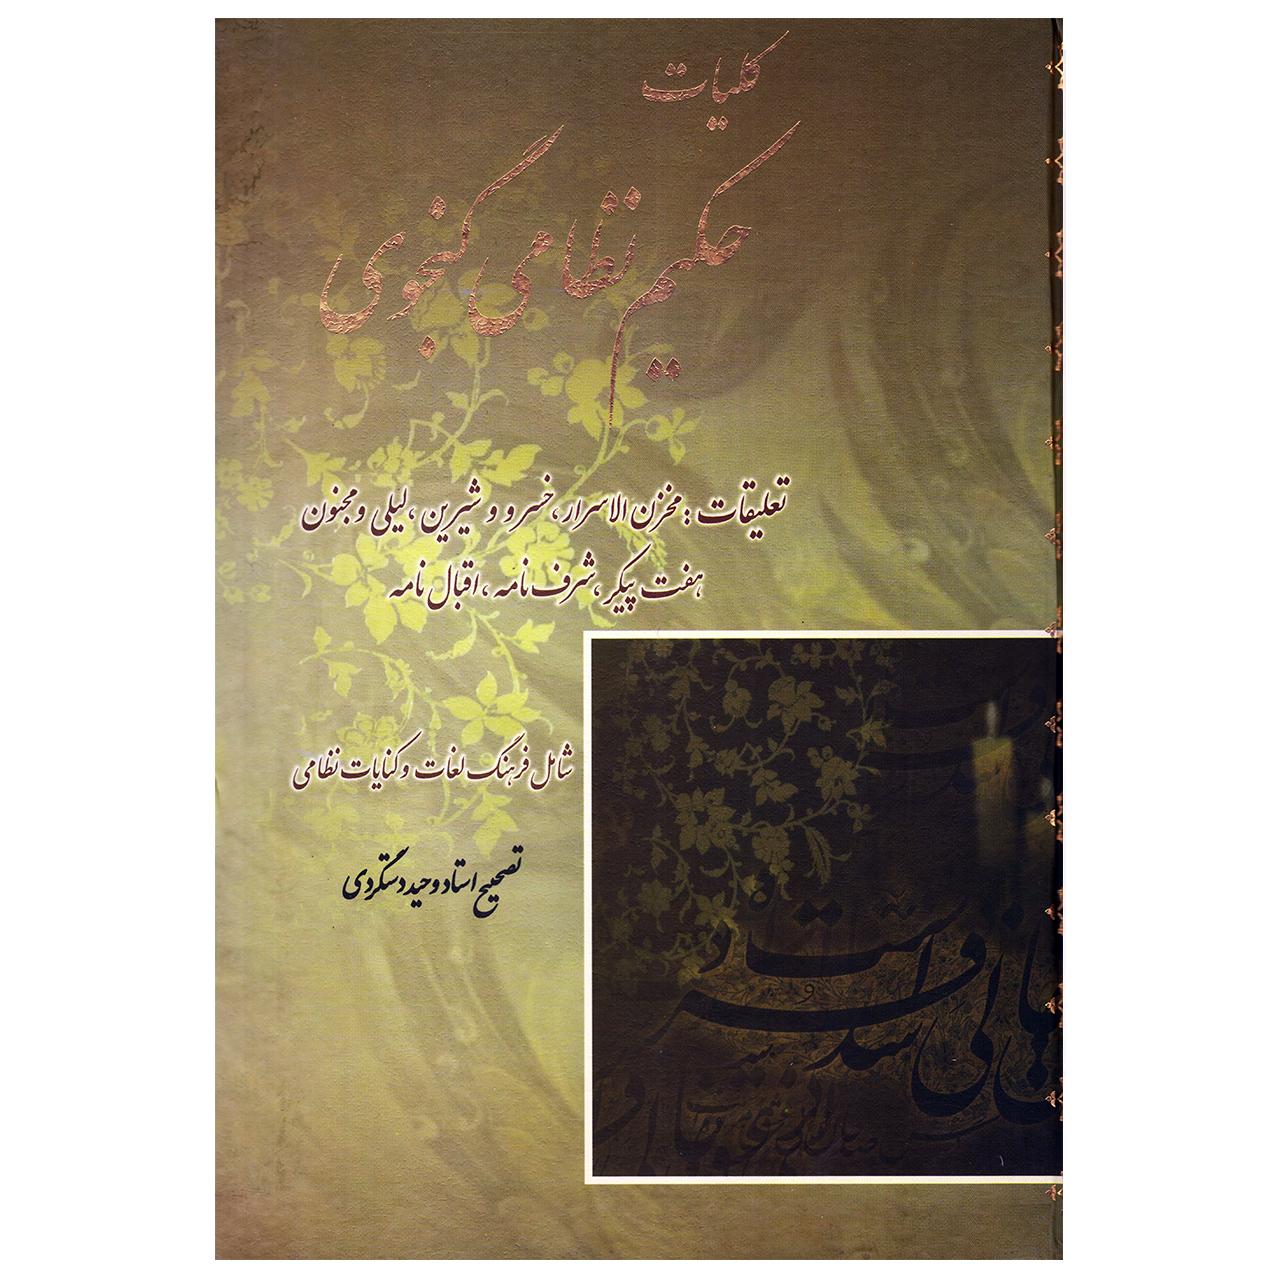 کتاب کلیات حکیم نظامی گنجوی اثر حکیم نظامی گنجوی انتشارات بهزاد